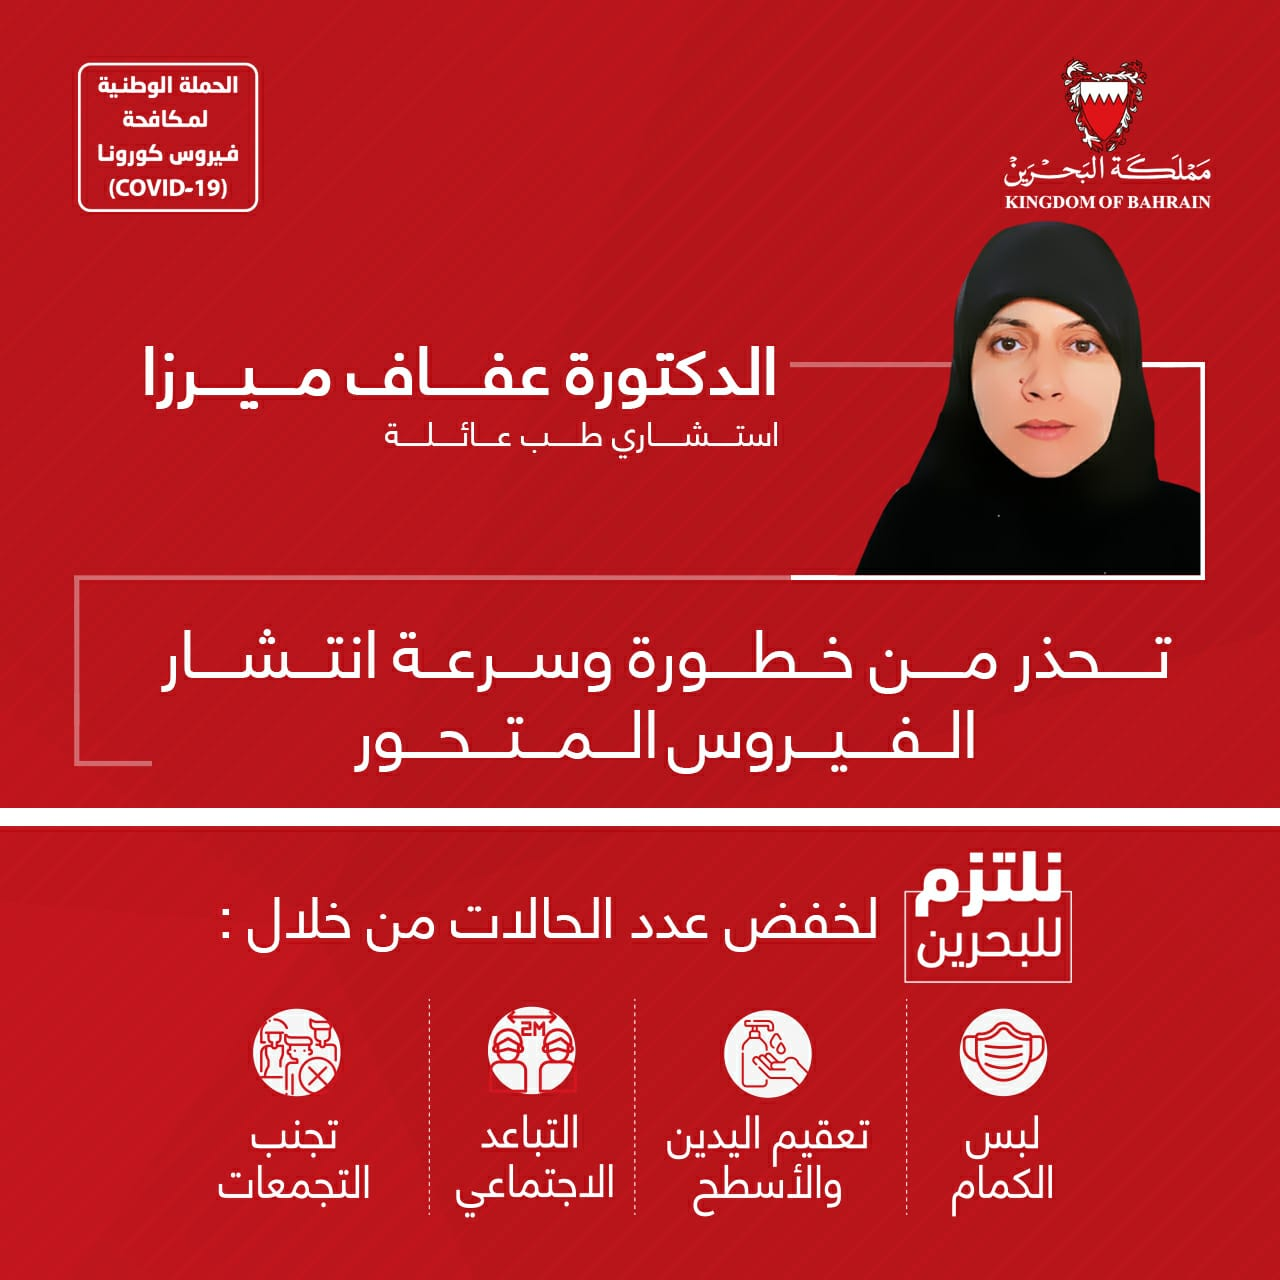 الدكتورة عفاف ميرزا تحذر من خطورة وسرعة انتشار الفيروس المتحور